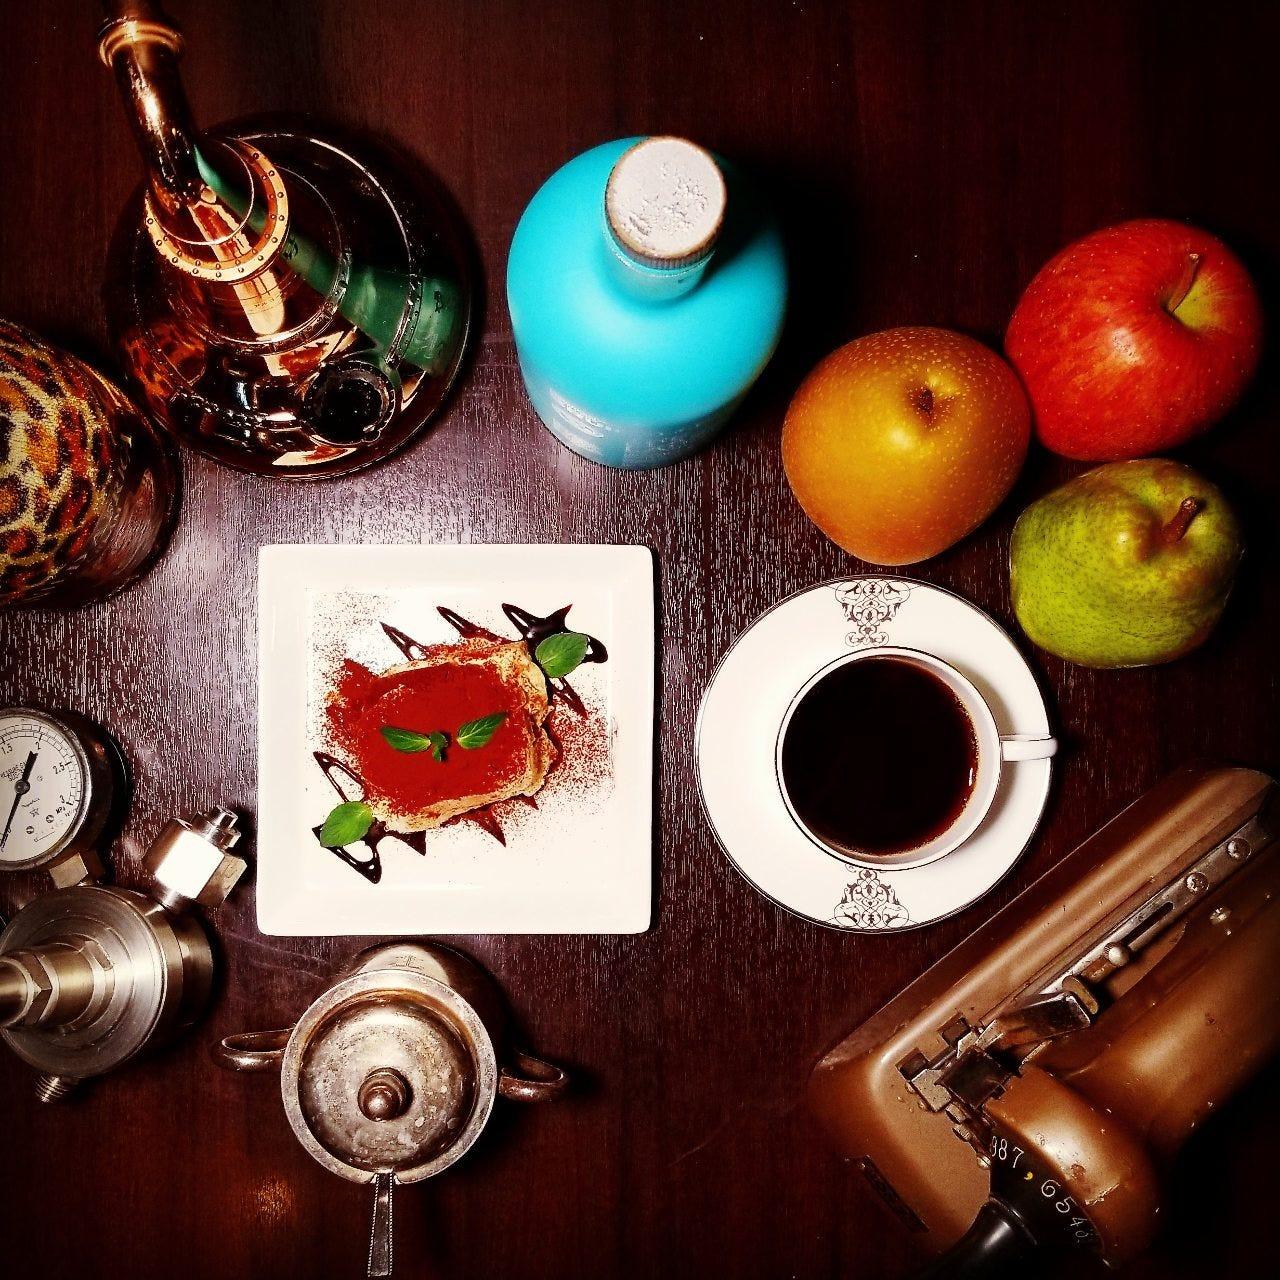 こだわりのコーヒーと自家製スイーツ